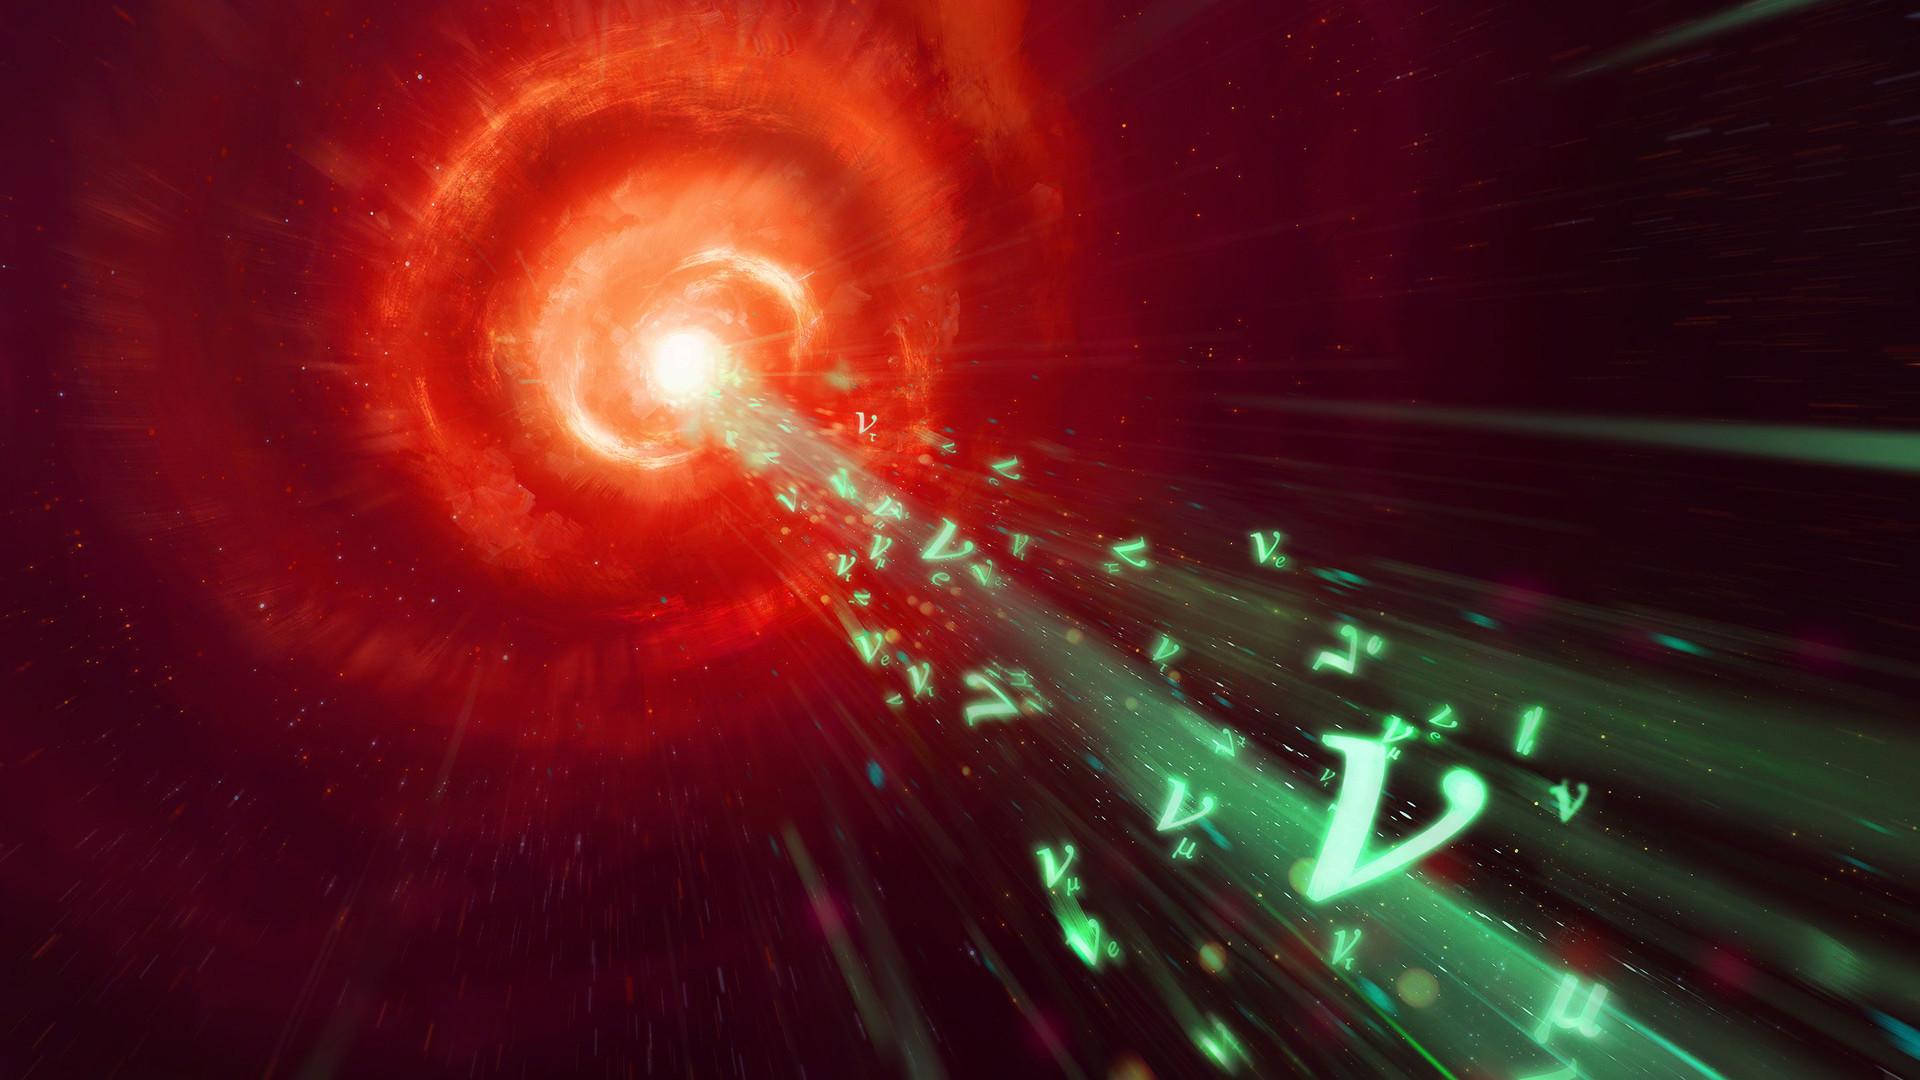 Mac rebisz blazarneutrinos 2880x1620 2880x1620